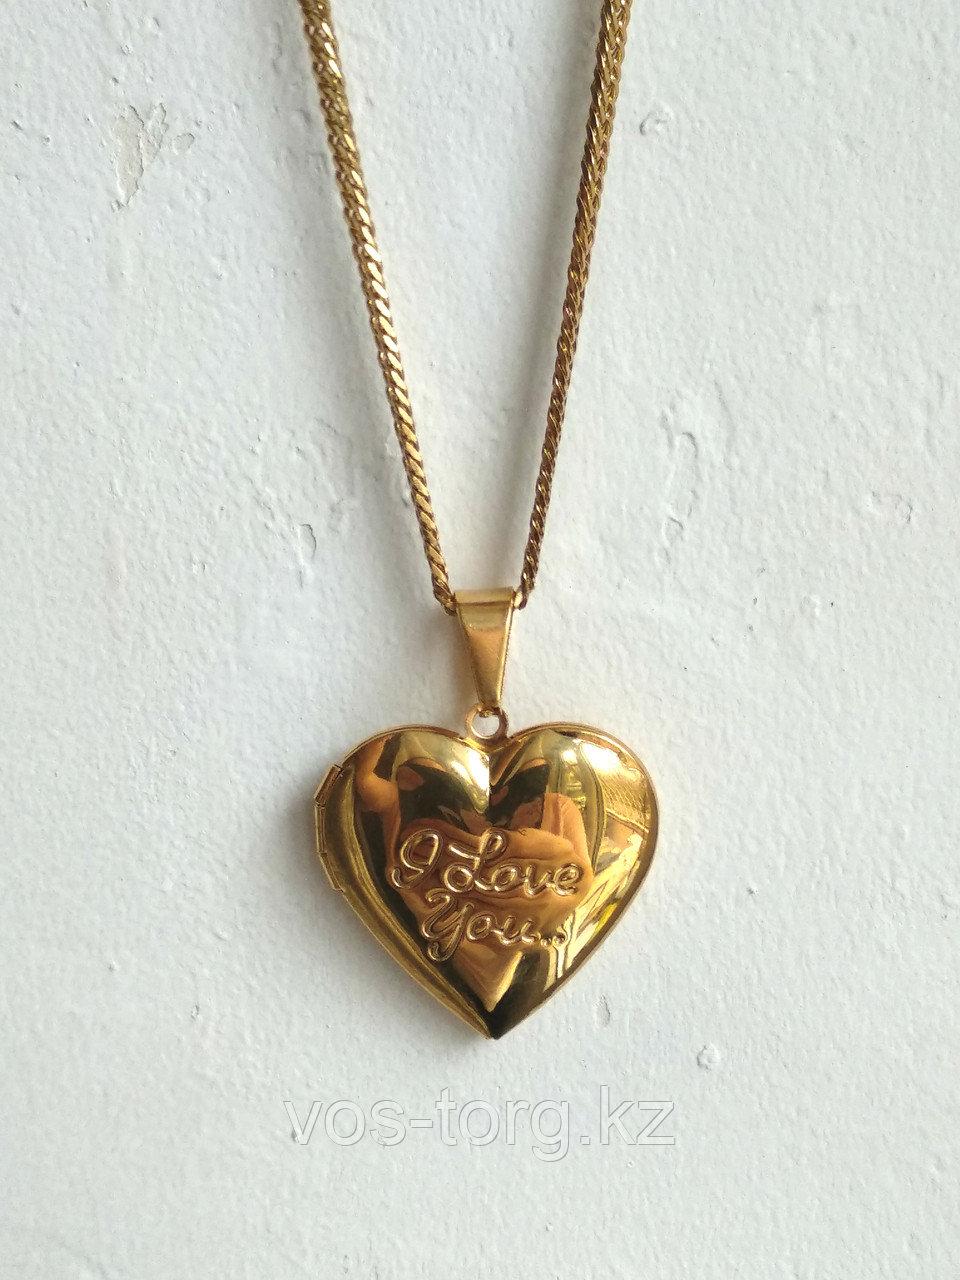 Кулон-медальон на цепочке ''I love you''